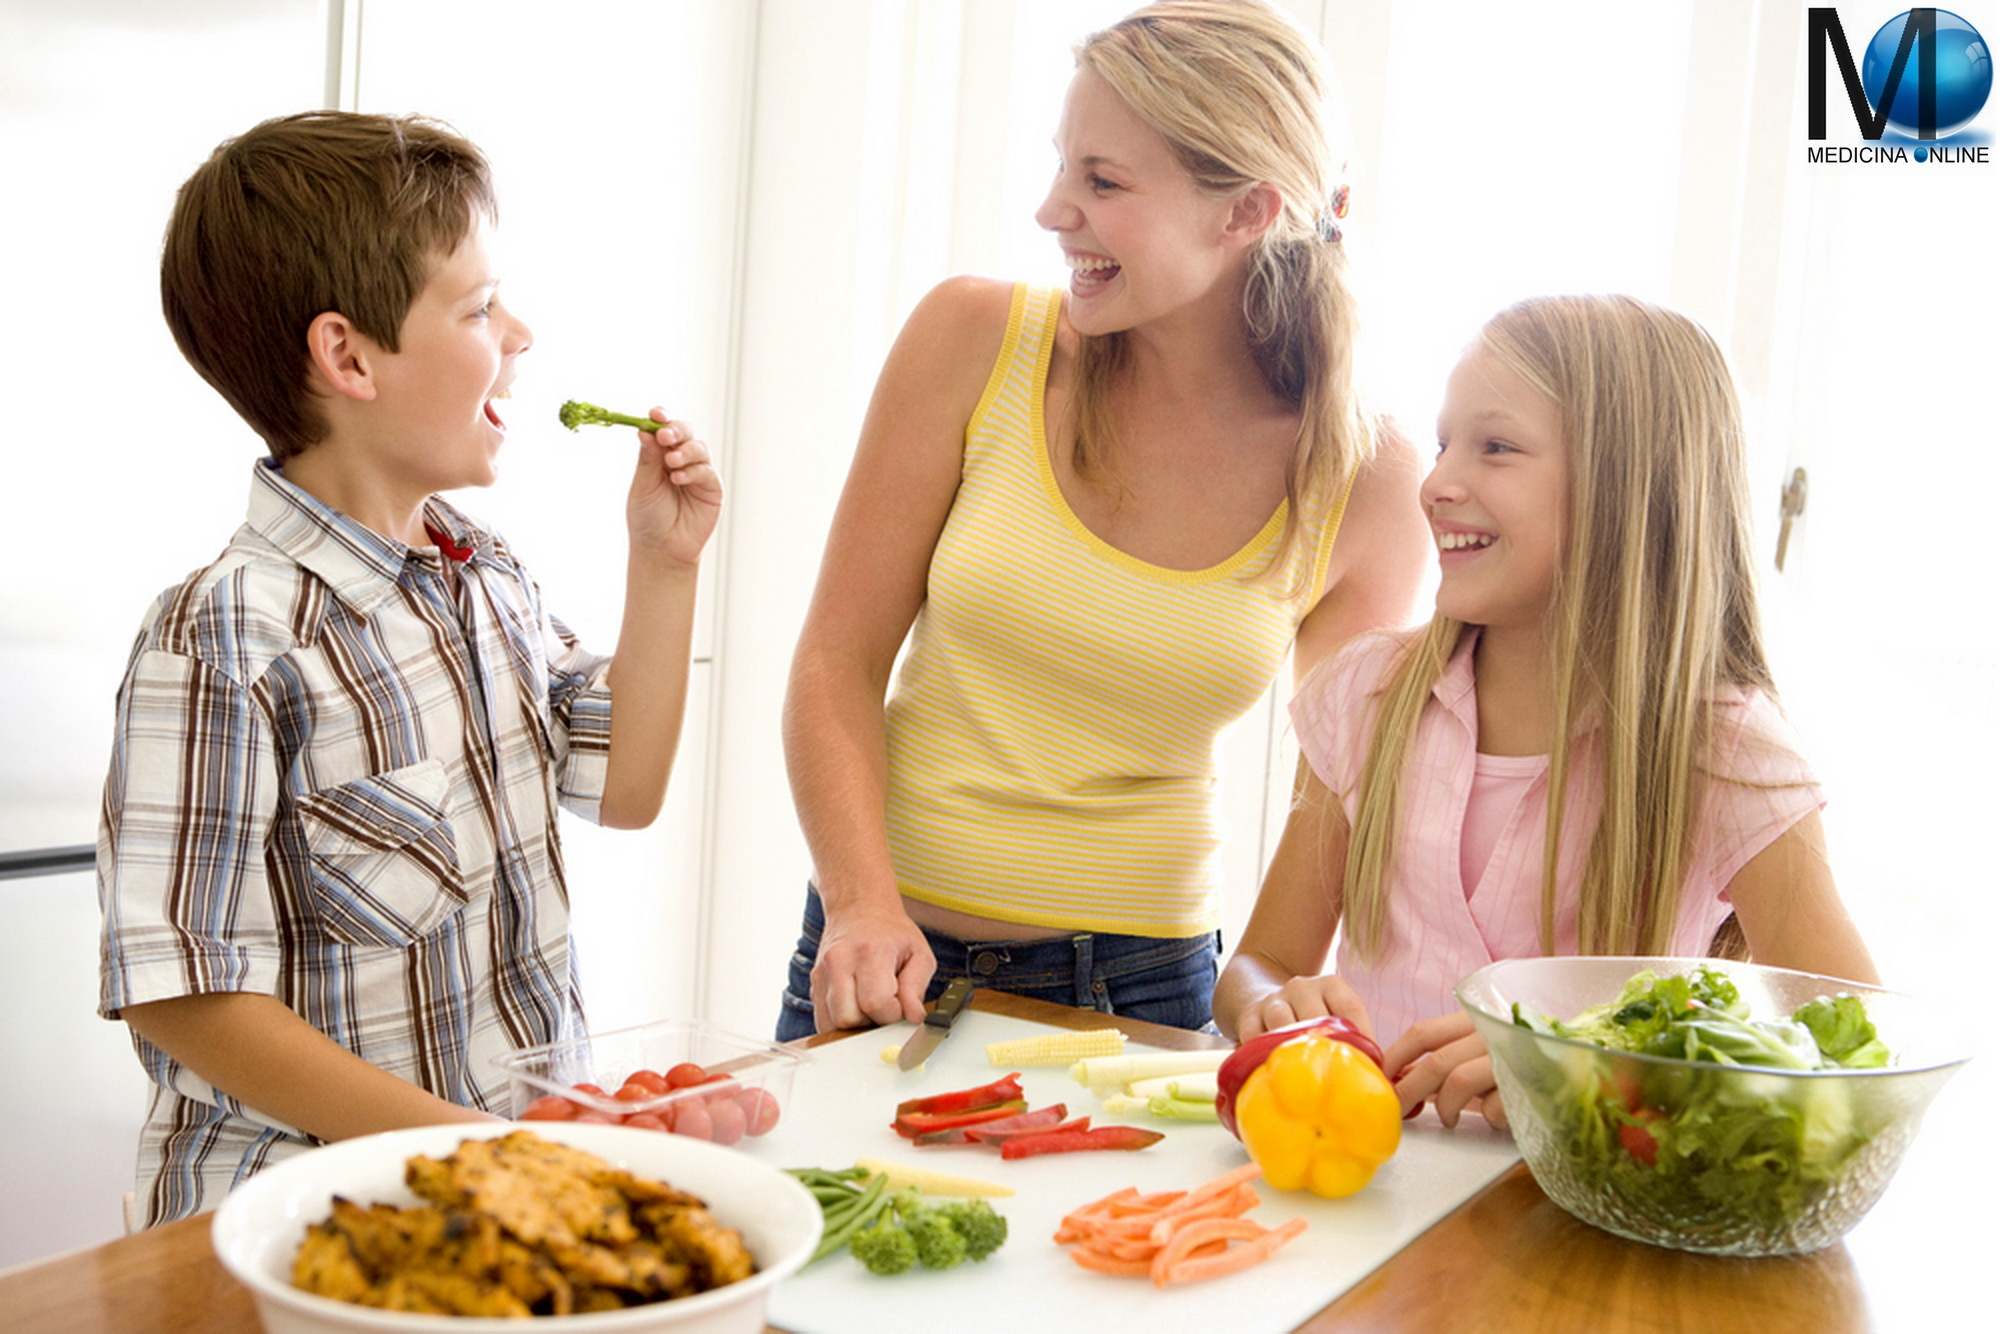 intolleranza allistamina dietetica